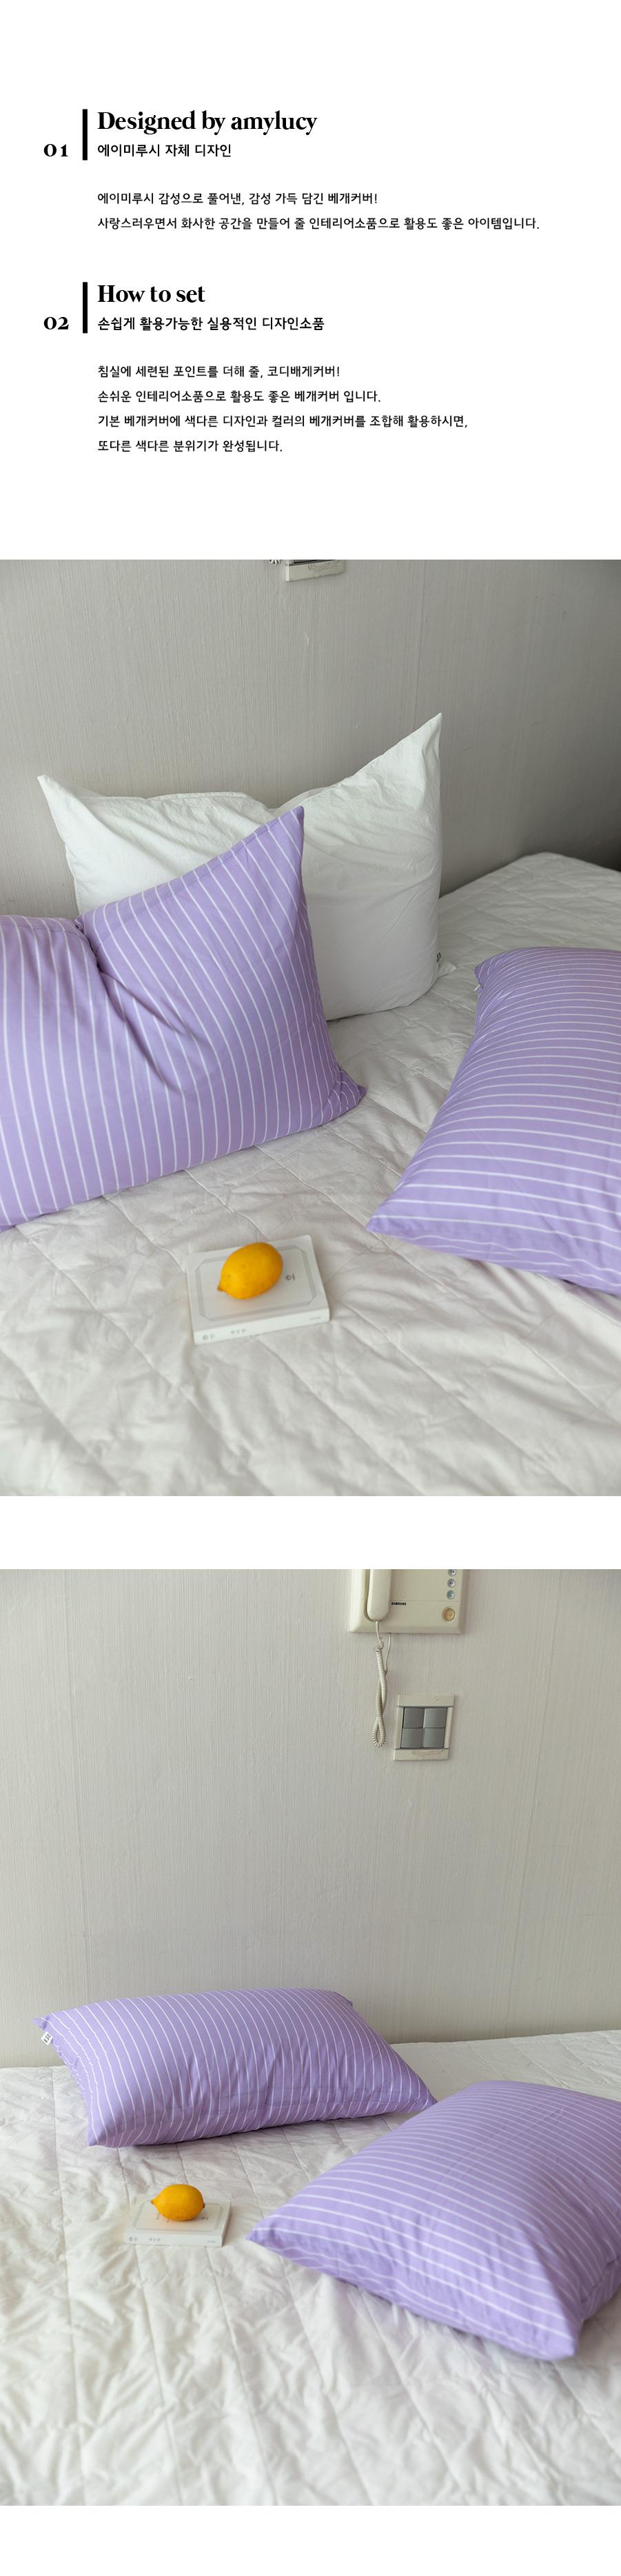 위드시티베케이션 퍼플 50x70cm 자체제작 베개커버 - 에이미루시, 19,000원, 베개, 일반 베개